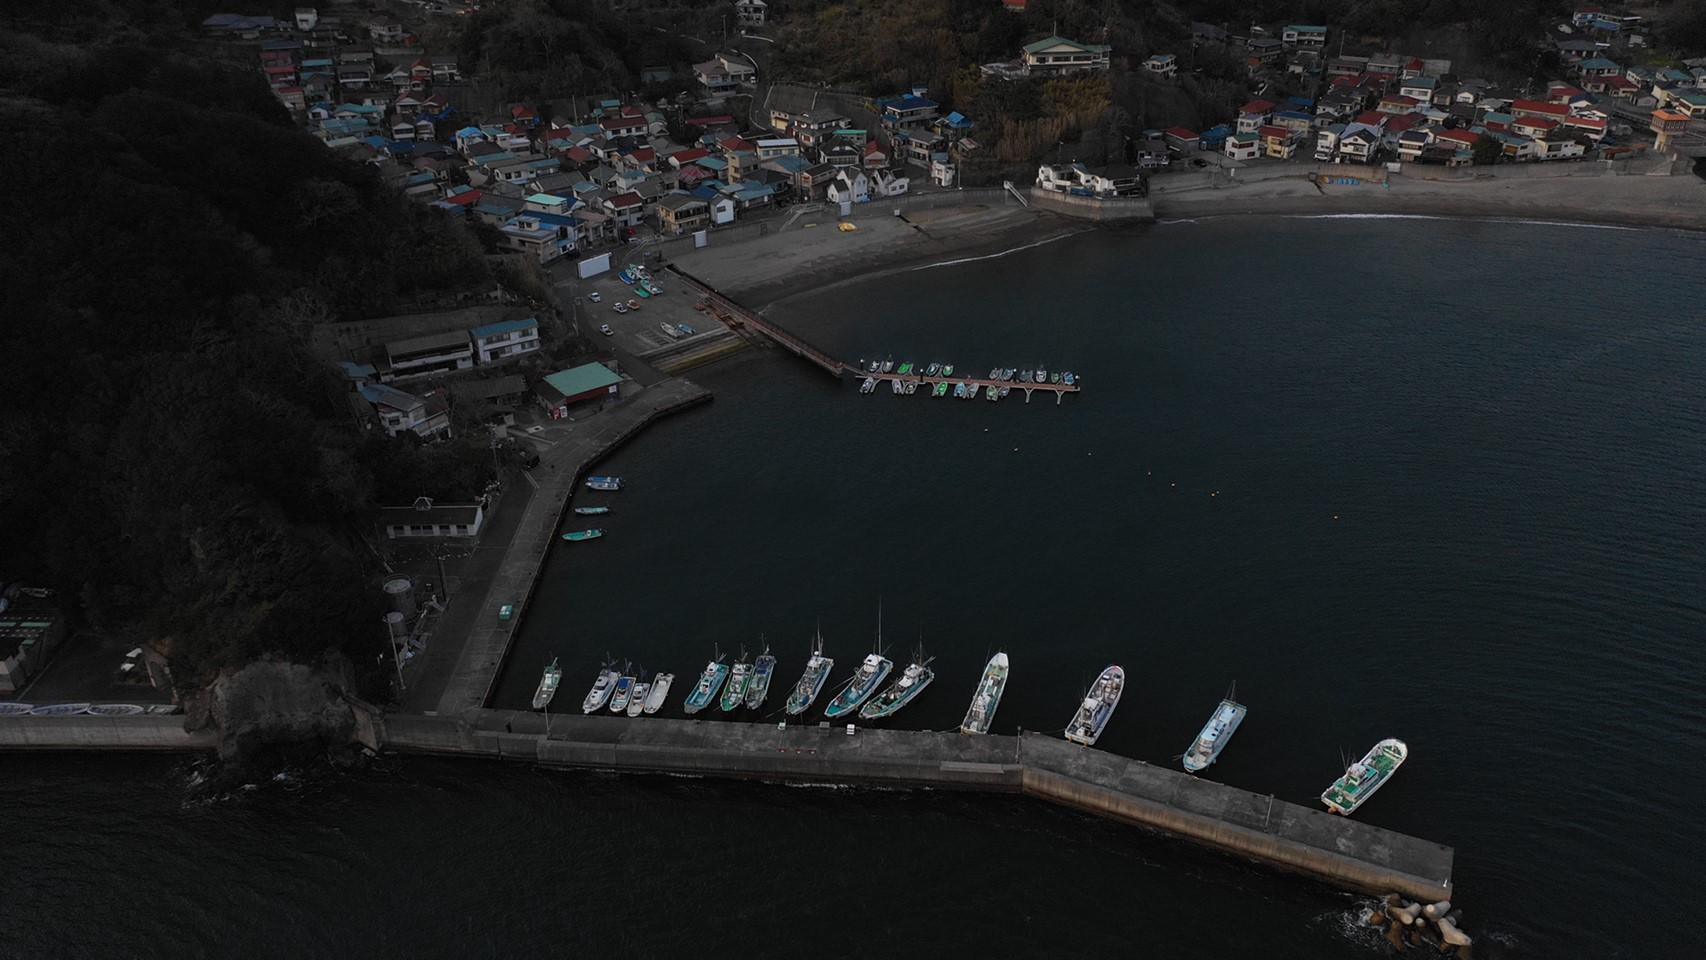 【南伊豆町】『子浦海水浴場付近』の釣り場ガイド(釣れる魚・駐車場)